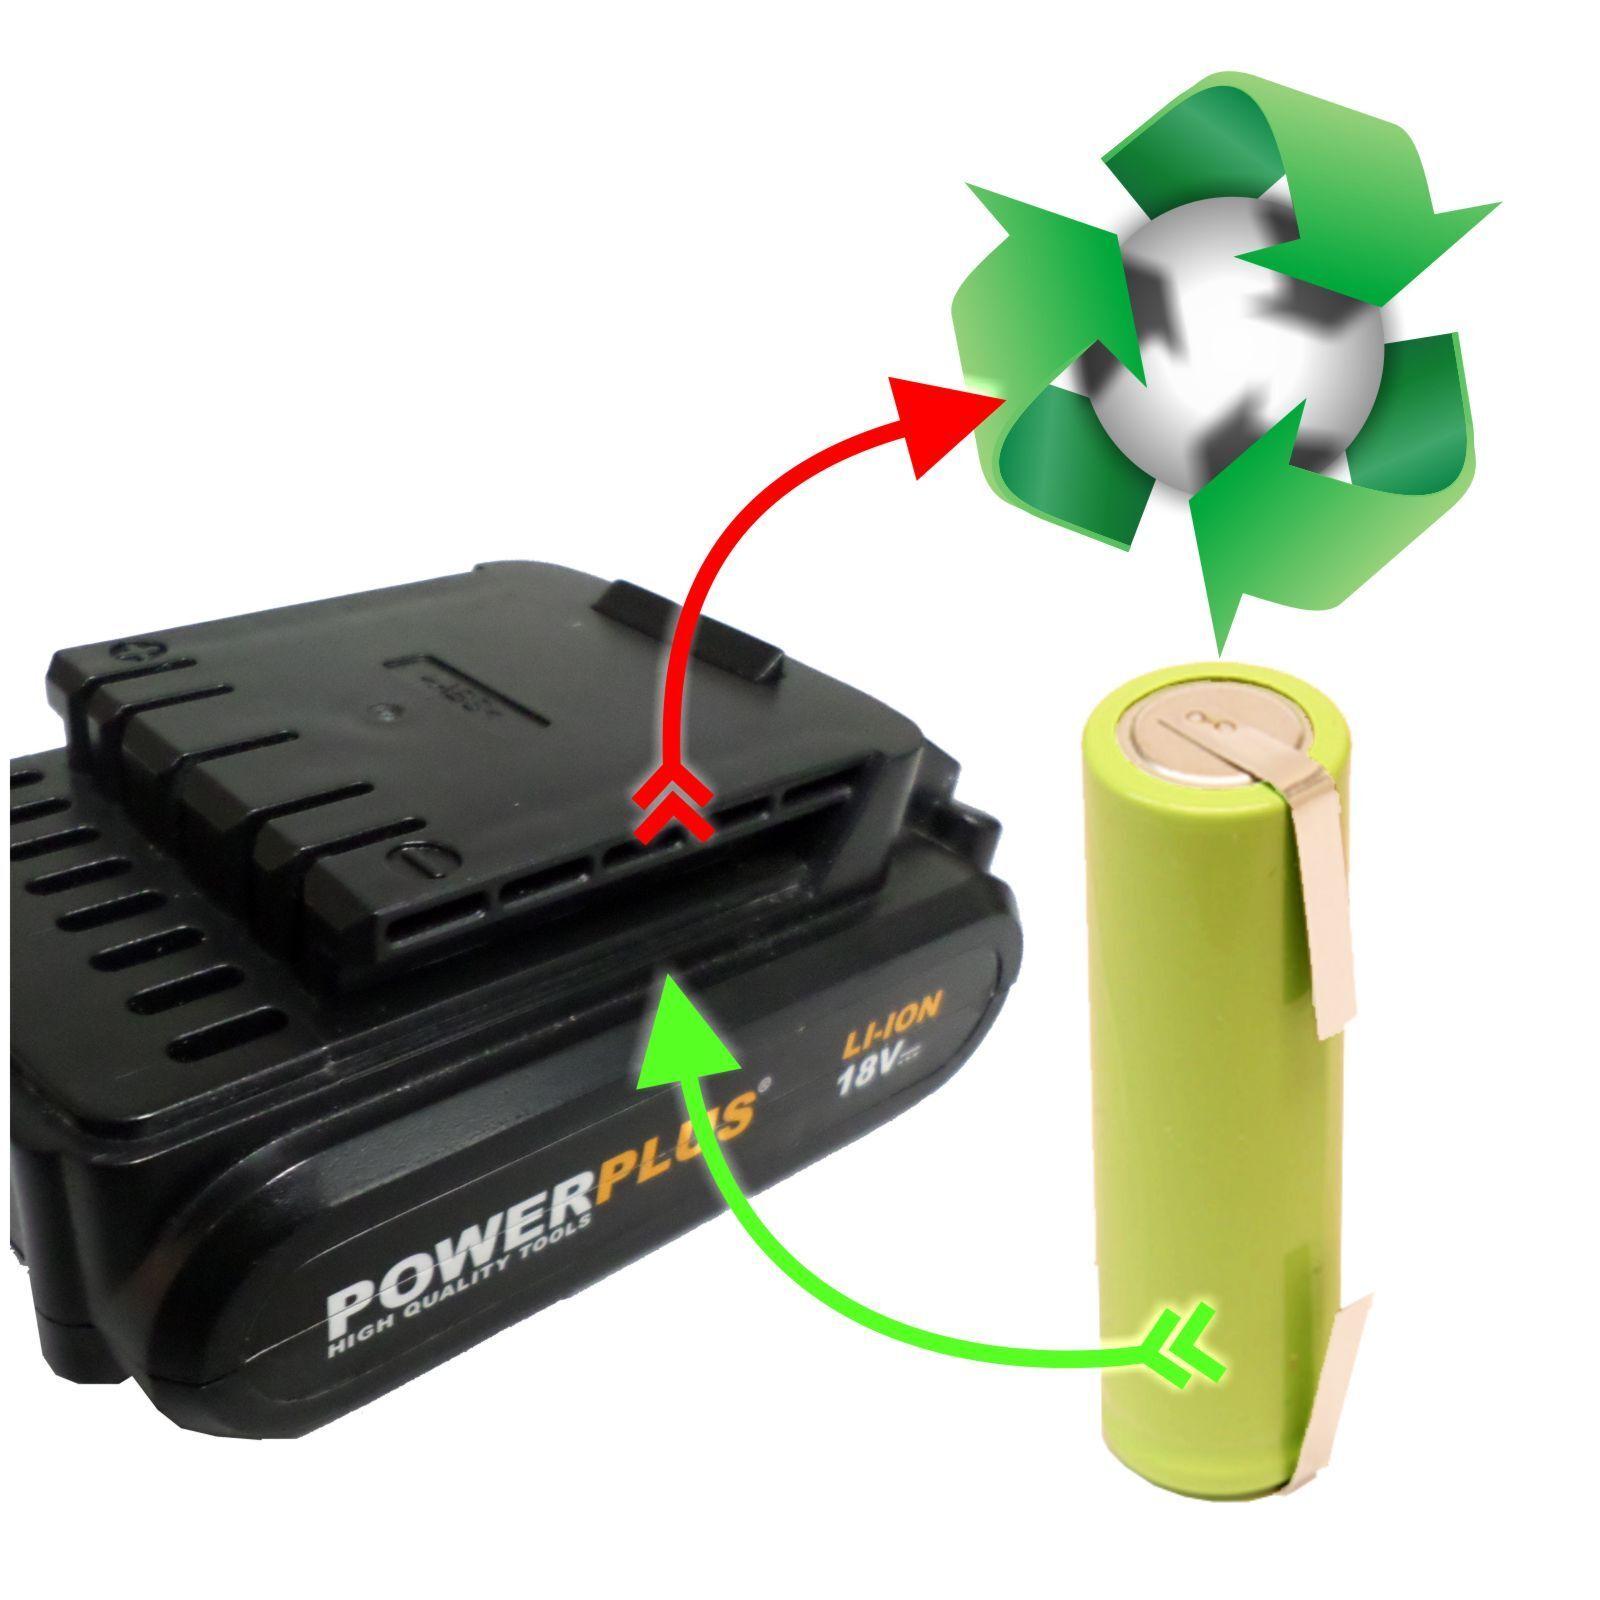 Akkutausch Zellentausch für POWERPLUS POWX0068LI  2,9Ah statt 1,3Ah 18V